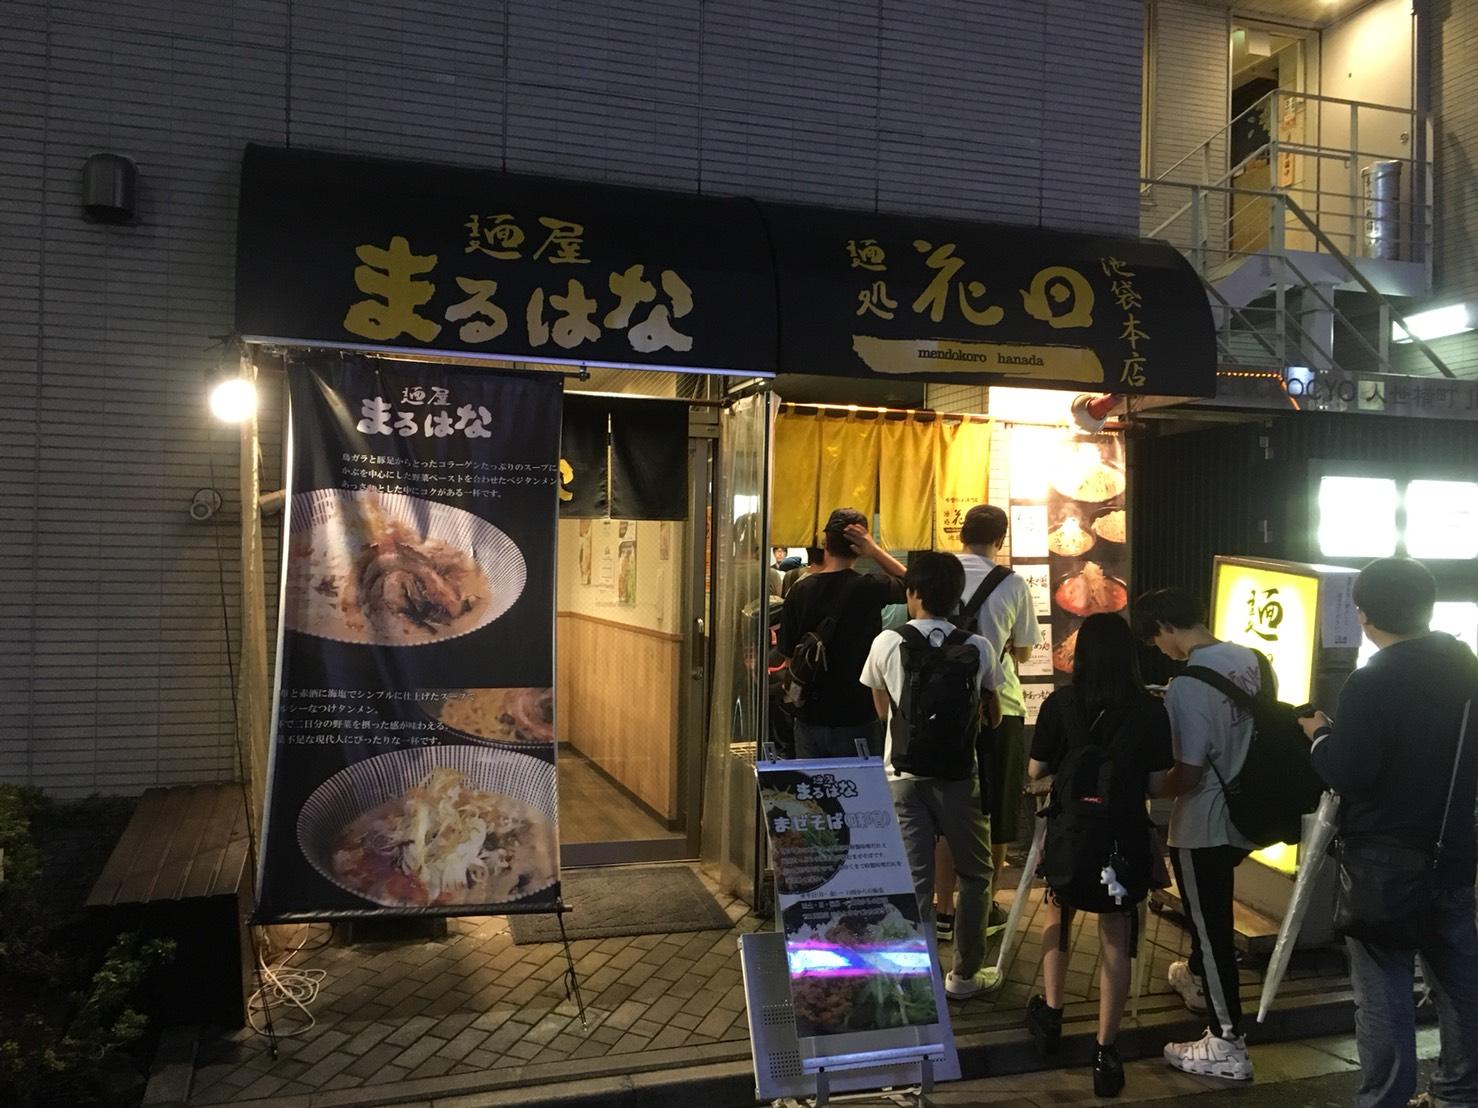 【池袋駅】常に行列!マッチョな味噌ラーメン「麺処 花田池袋店」の外観